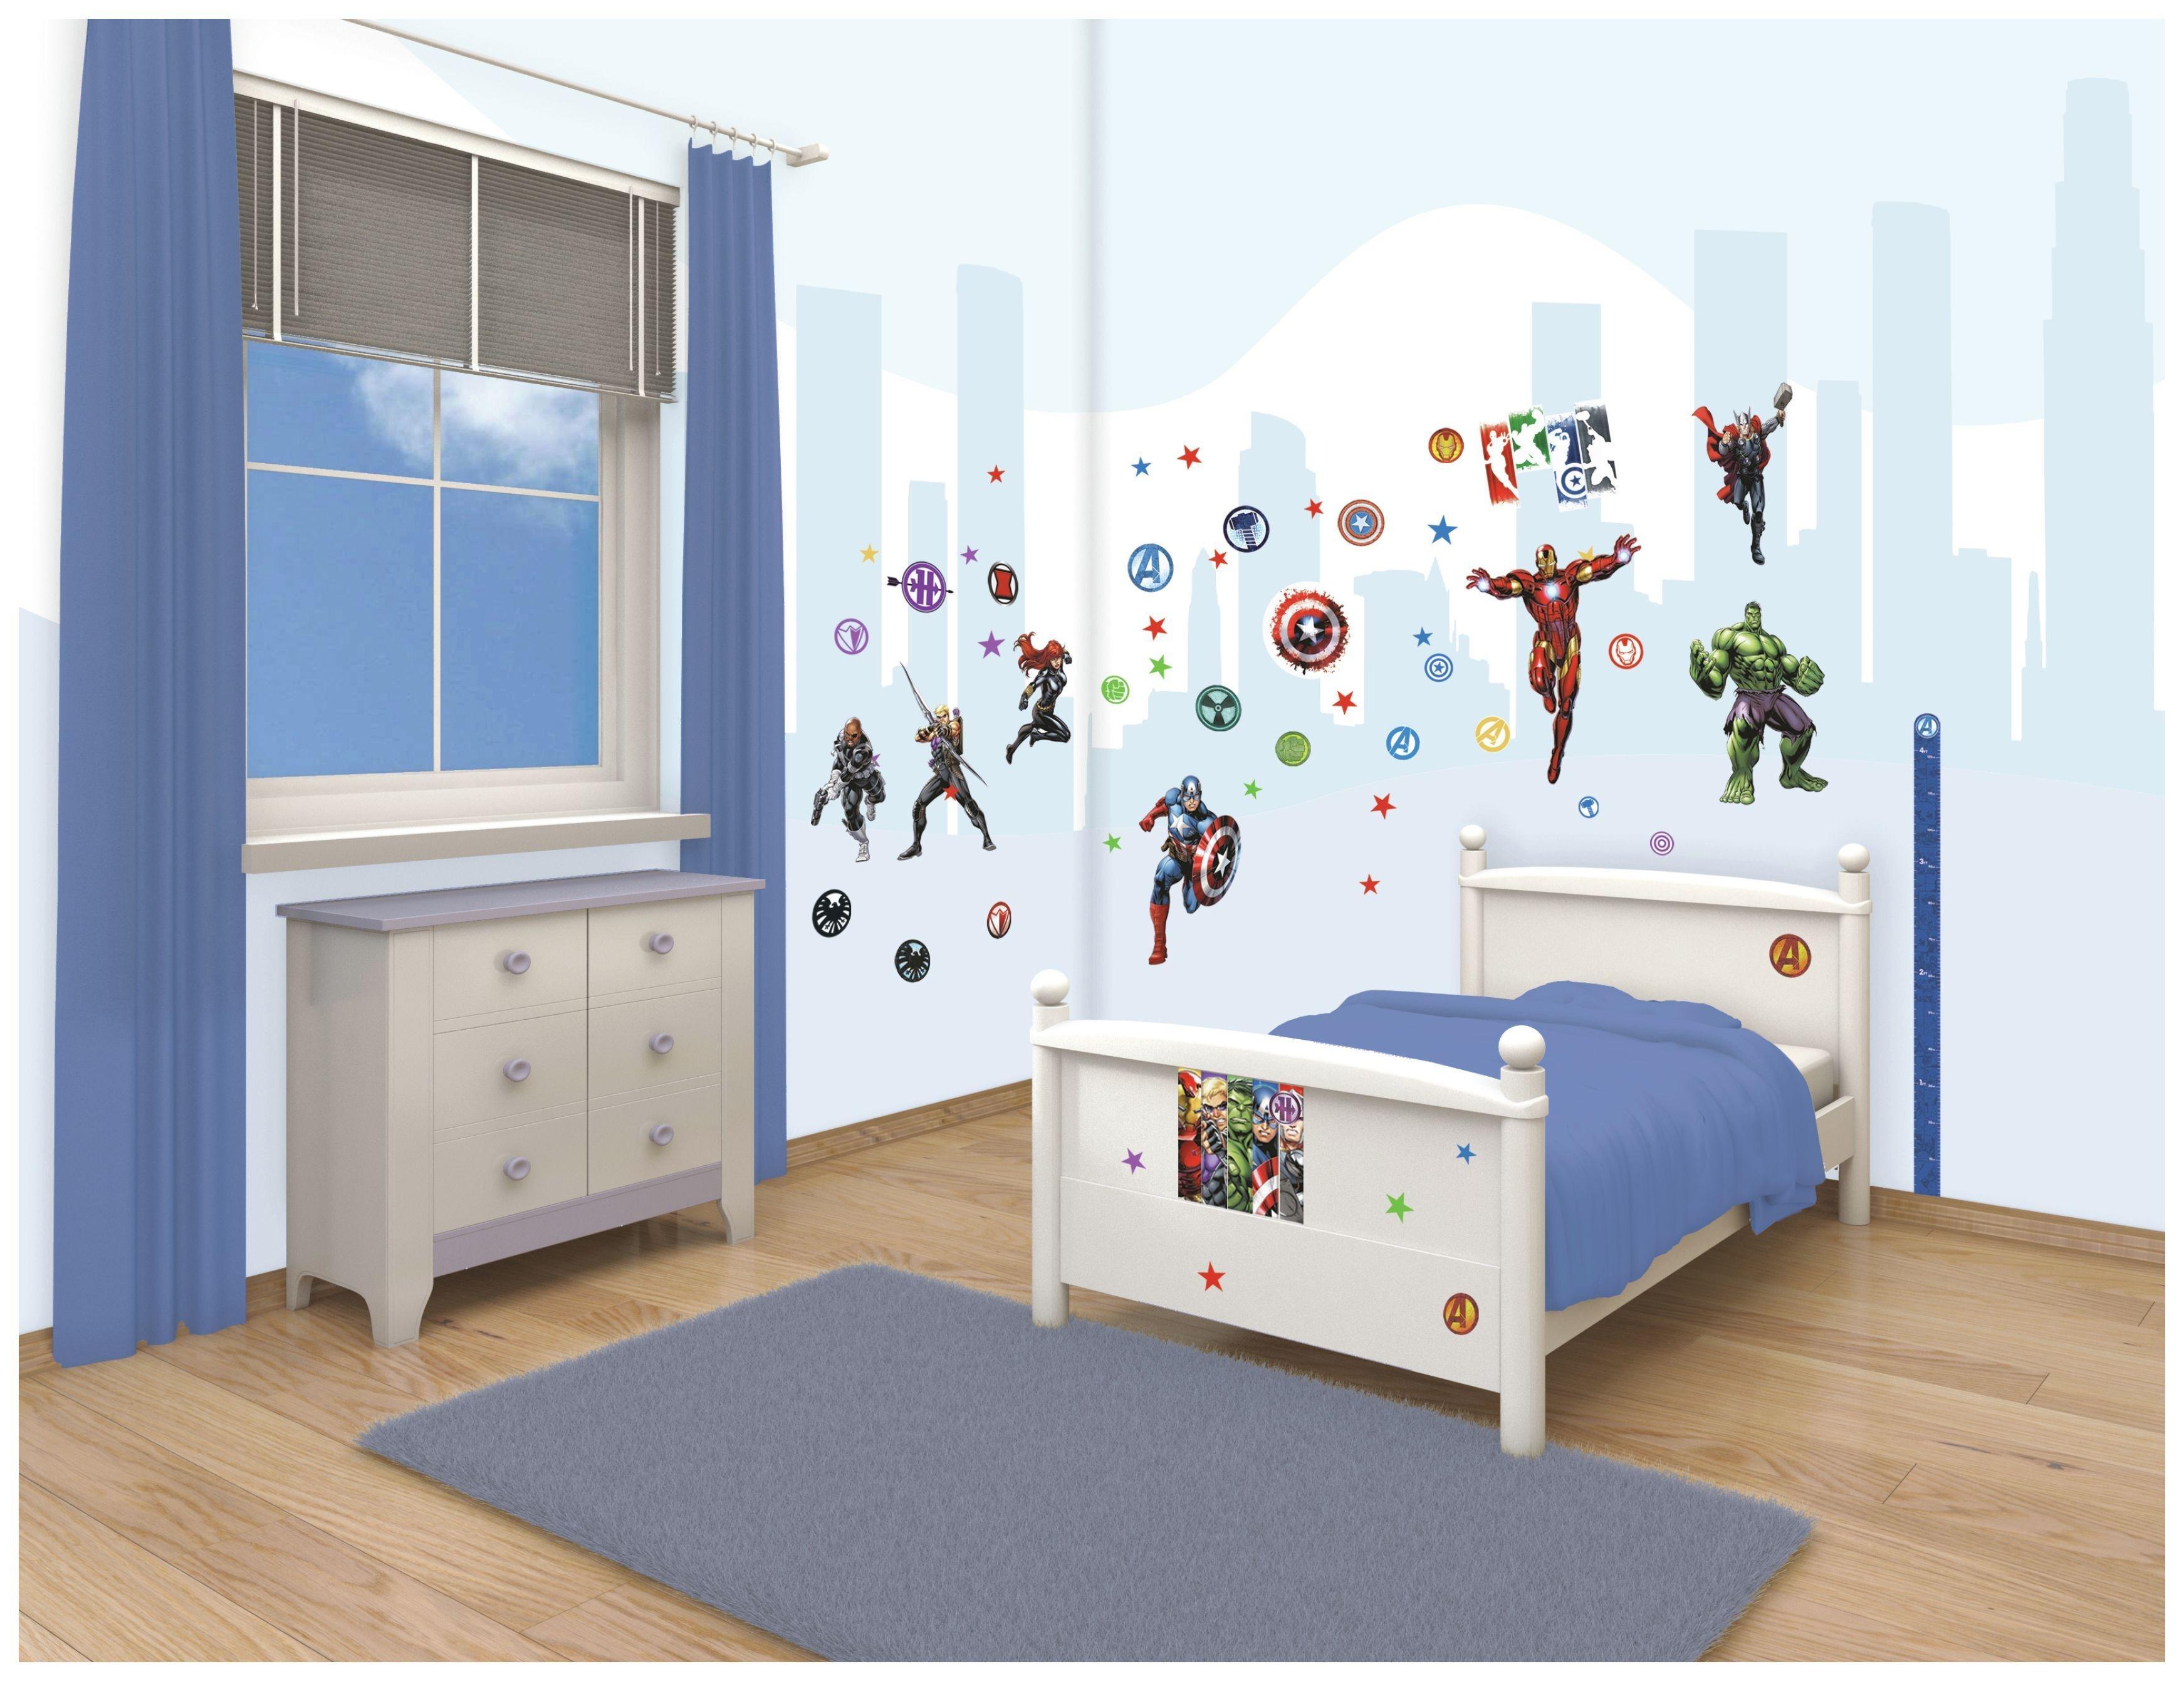 Walltastic - Avengers Assemble Room Decor Kit